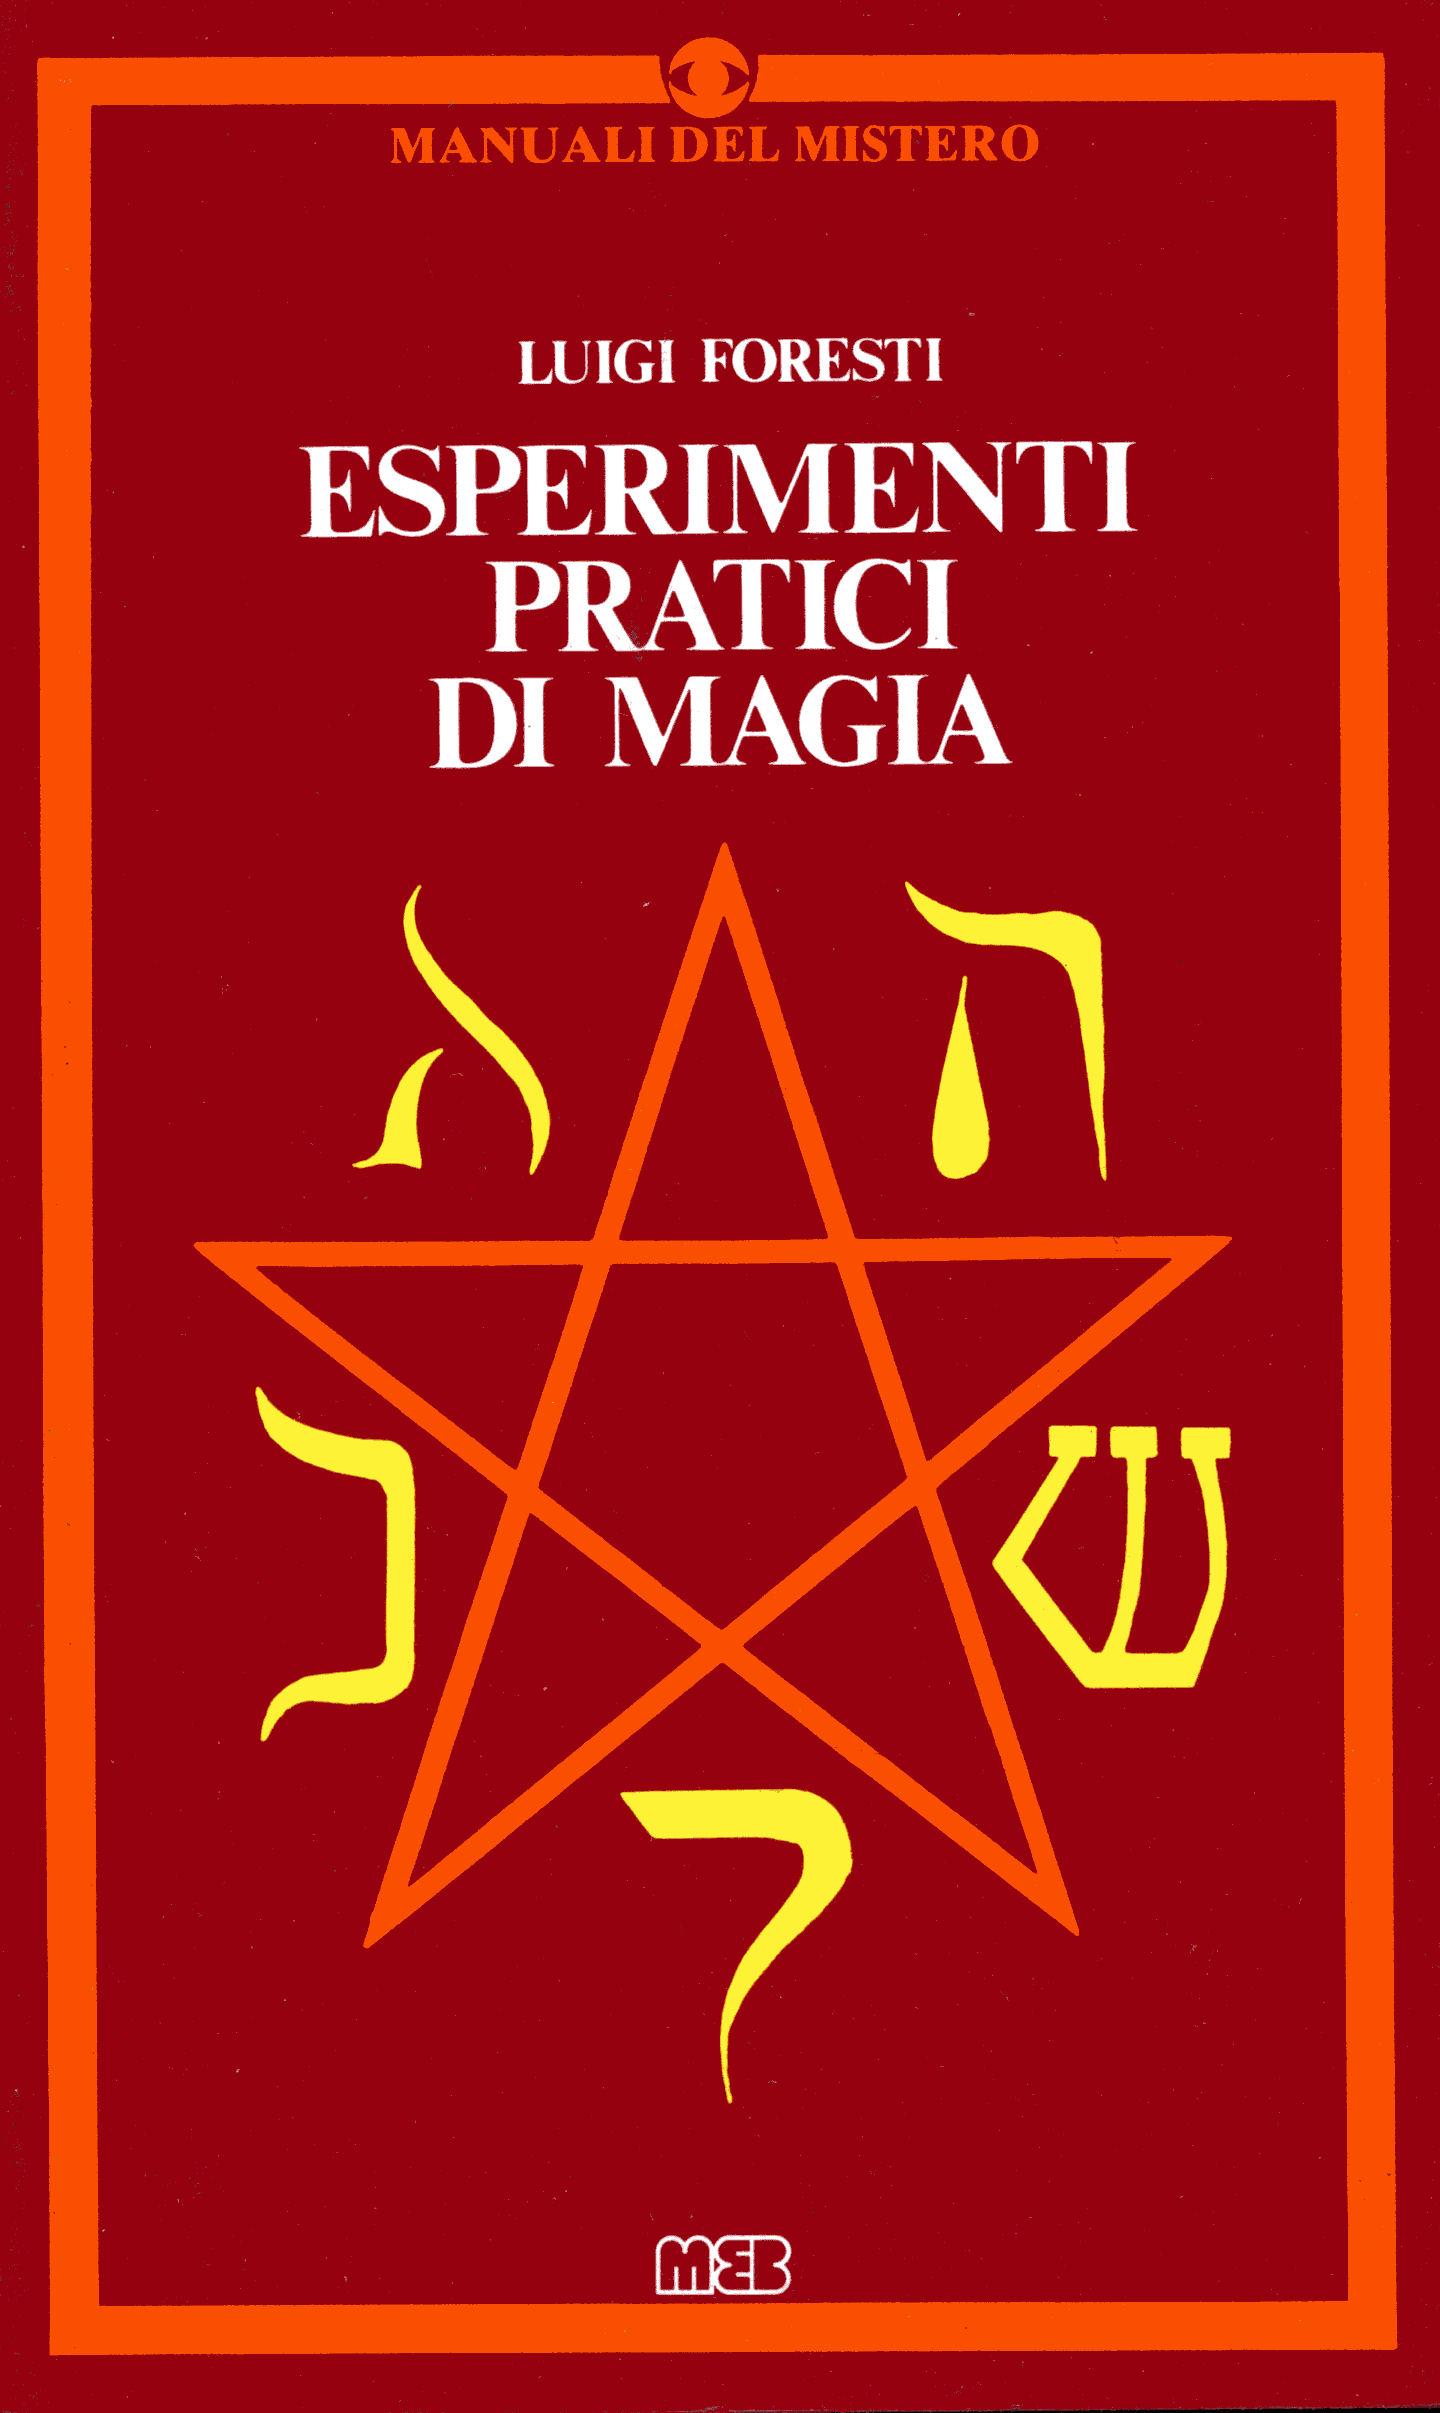 Esperimenti pratici di magia